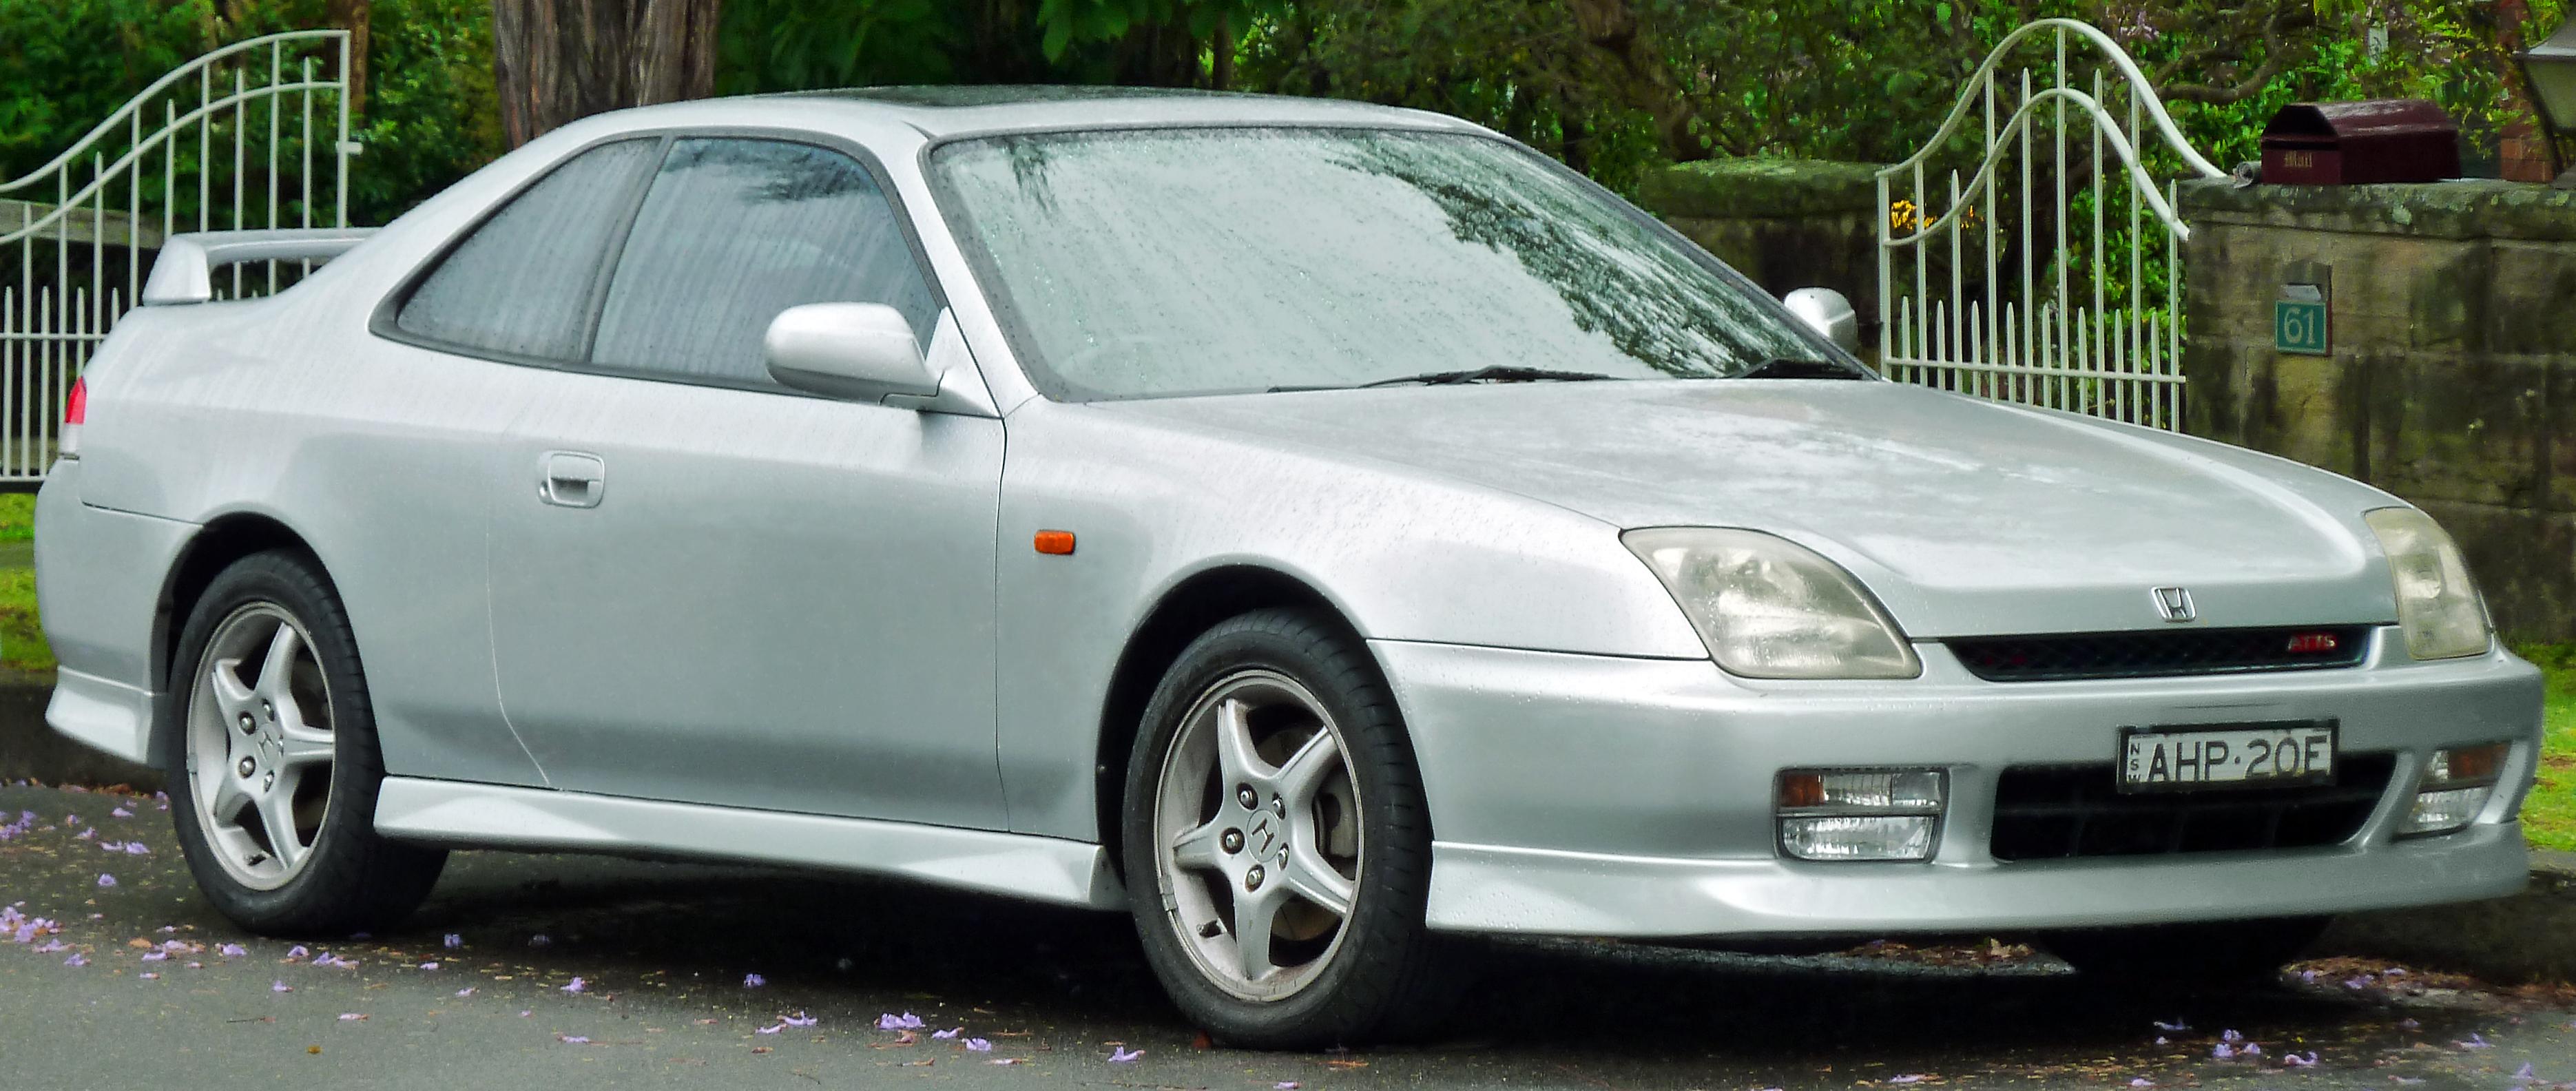 2001 Honda Prelude #19 Honda Prelude #19